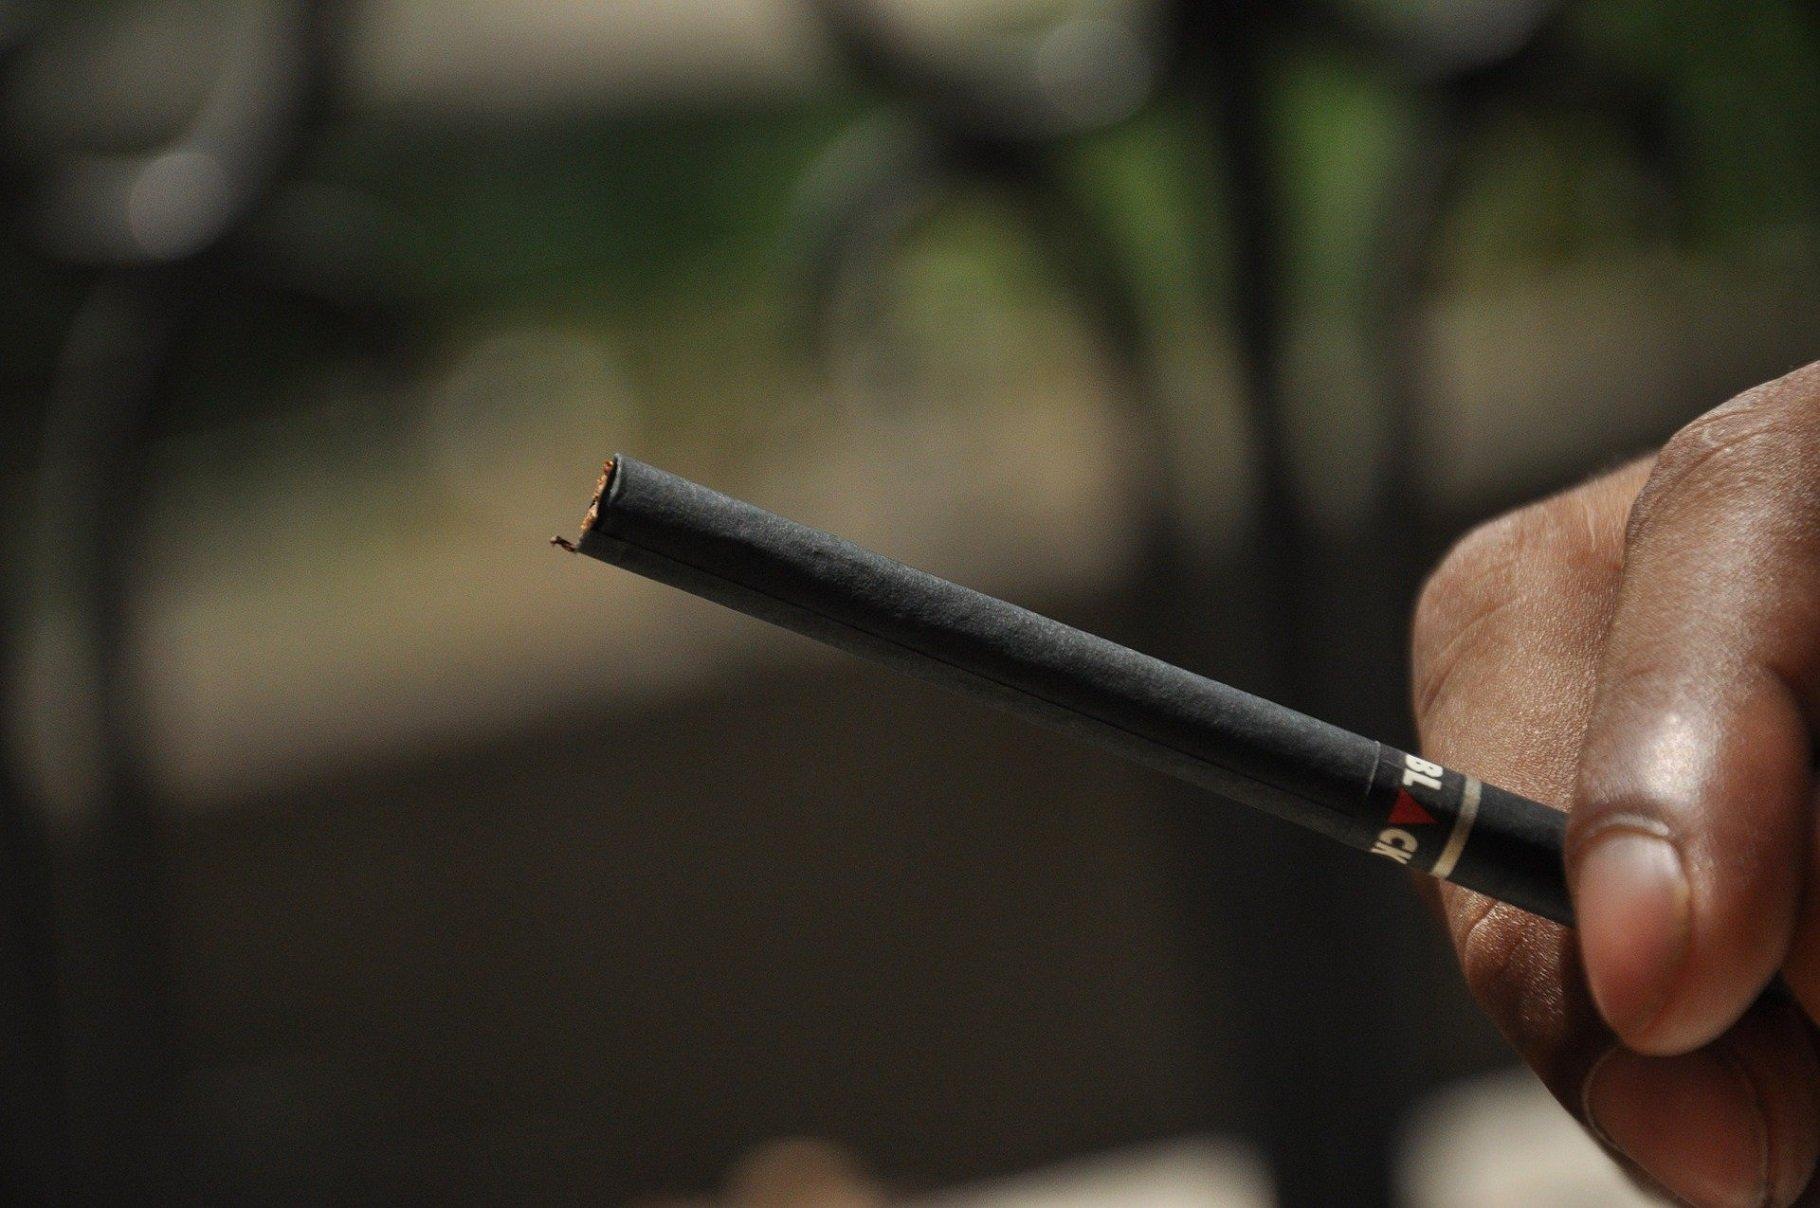 Read more about the article Pourquoi opter pour un filtre cigarette si vous êtes fumeur ?